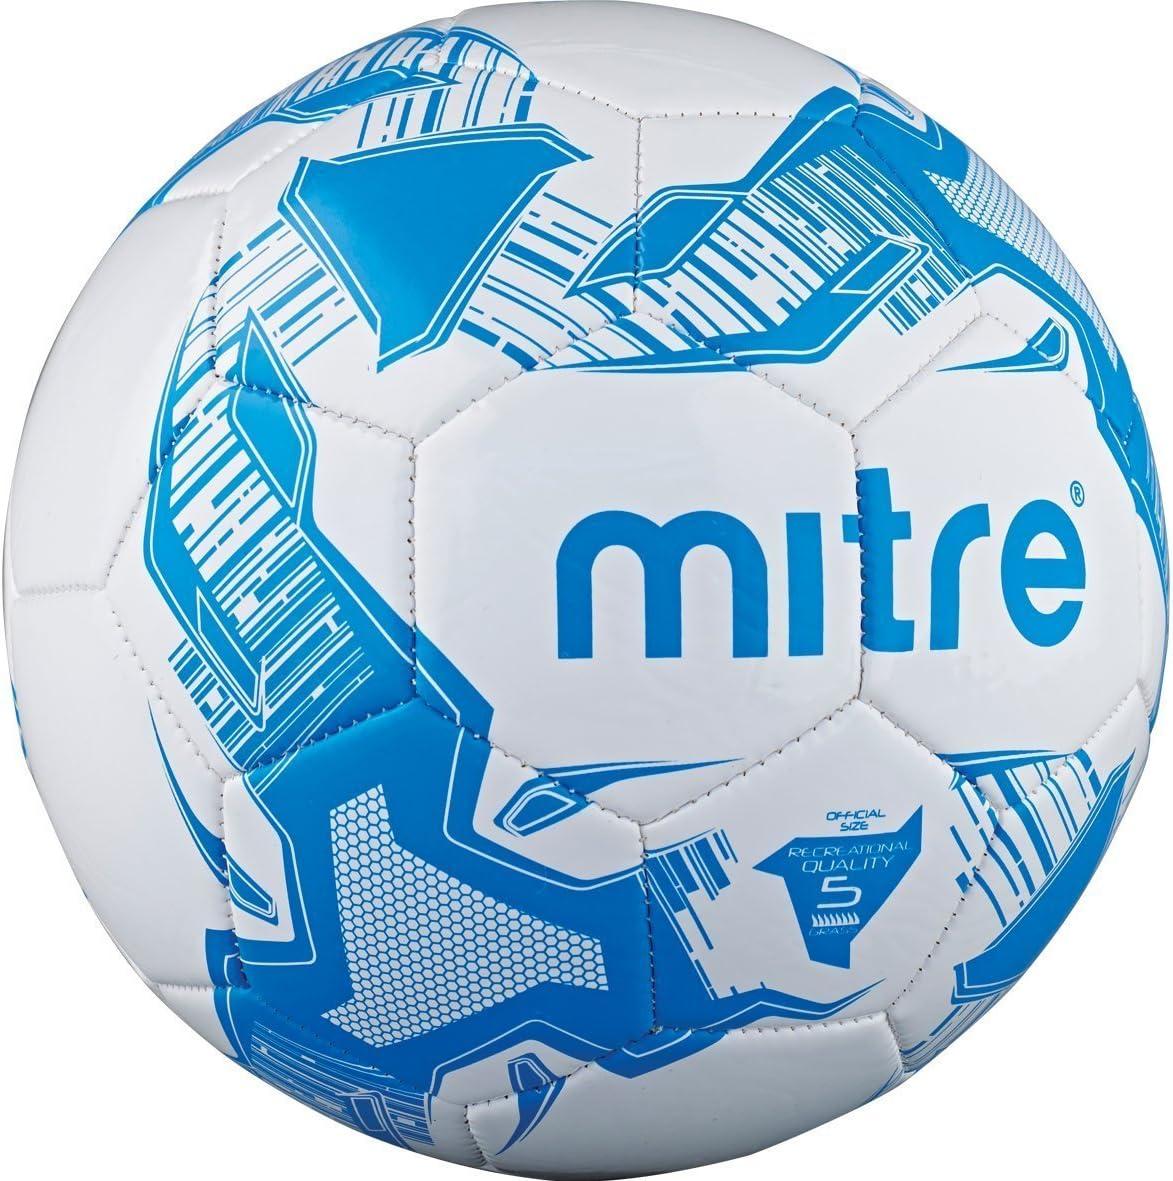 Mitre Balon de fútbol, Color Blanco - Blanco y Azul, tamaño Talla ...